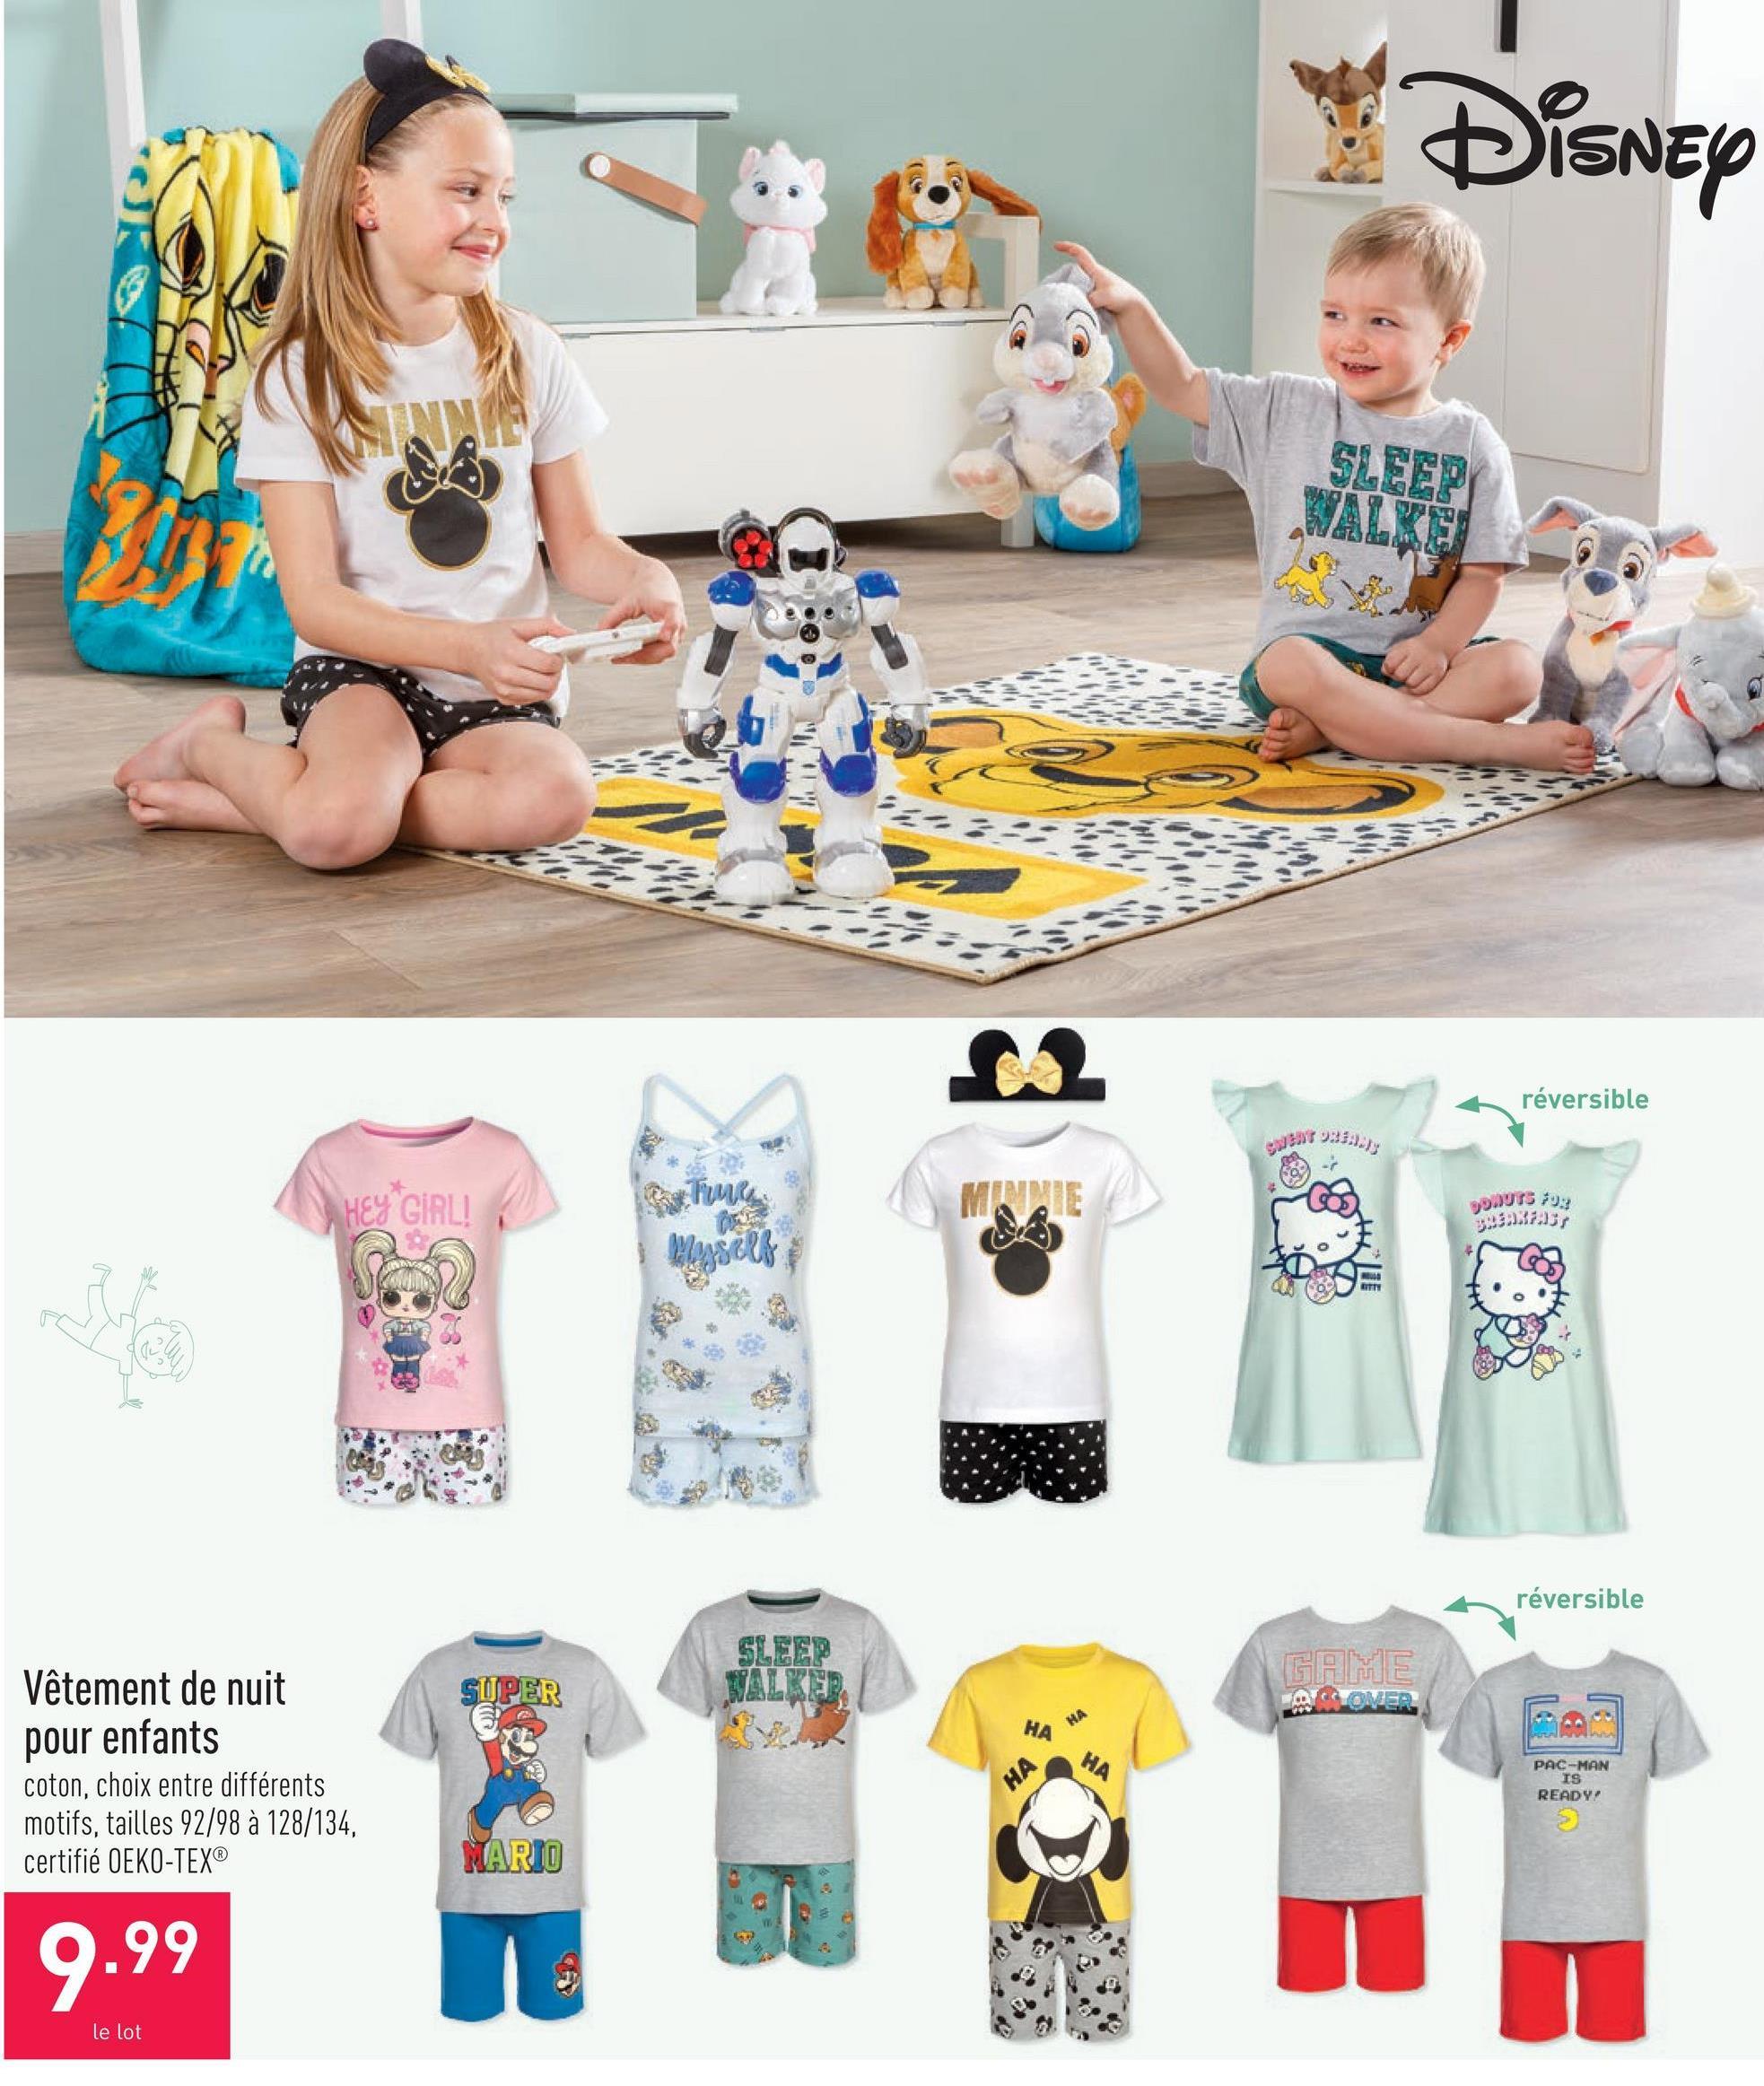 Vêtement de nuit pour enfants coton, choix entre différents motifs, tailles 92/98 à 128/134, certifié OEKO-TEX®